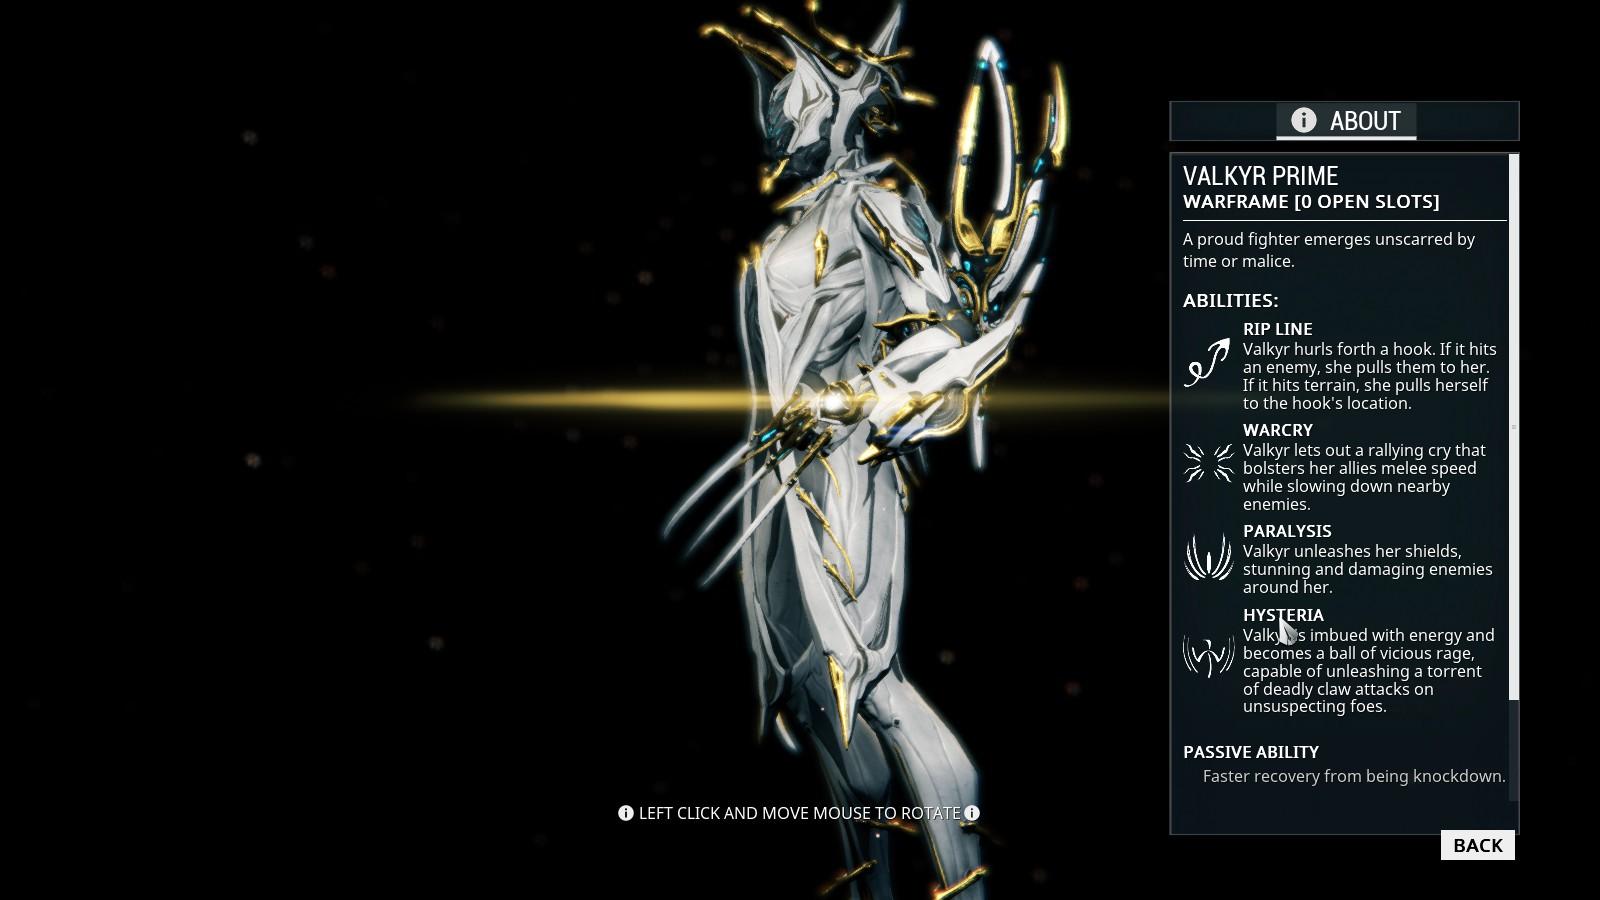 Warframe Valkyr prime PC